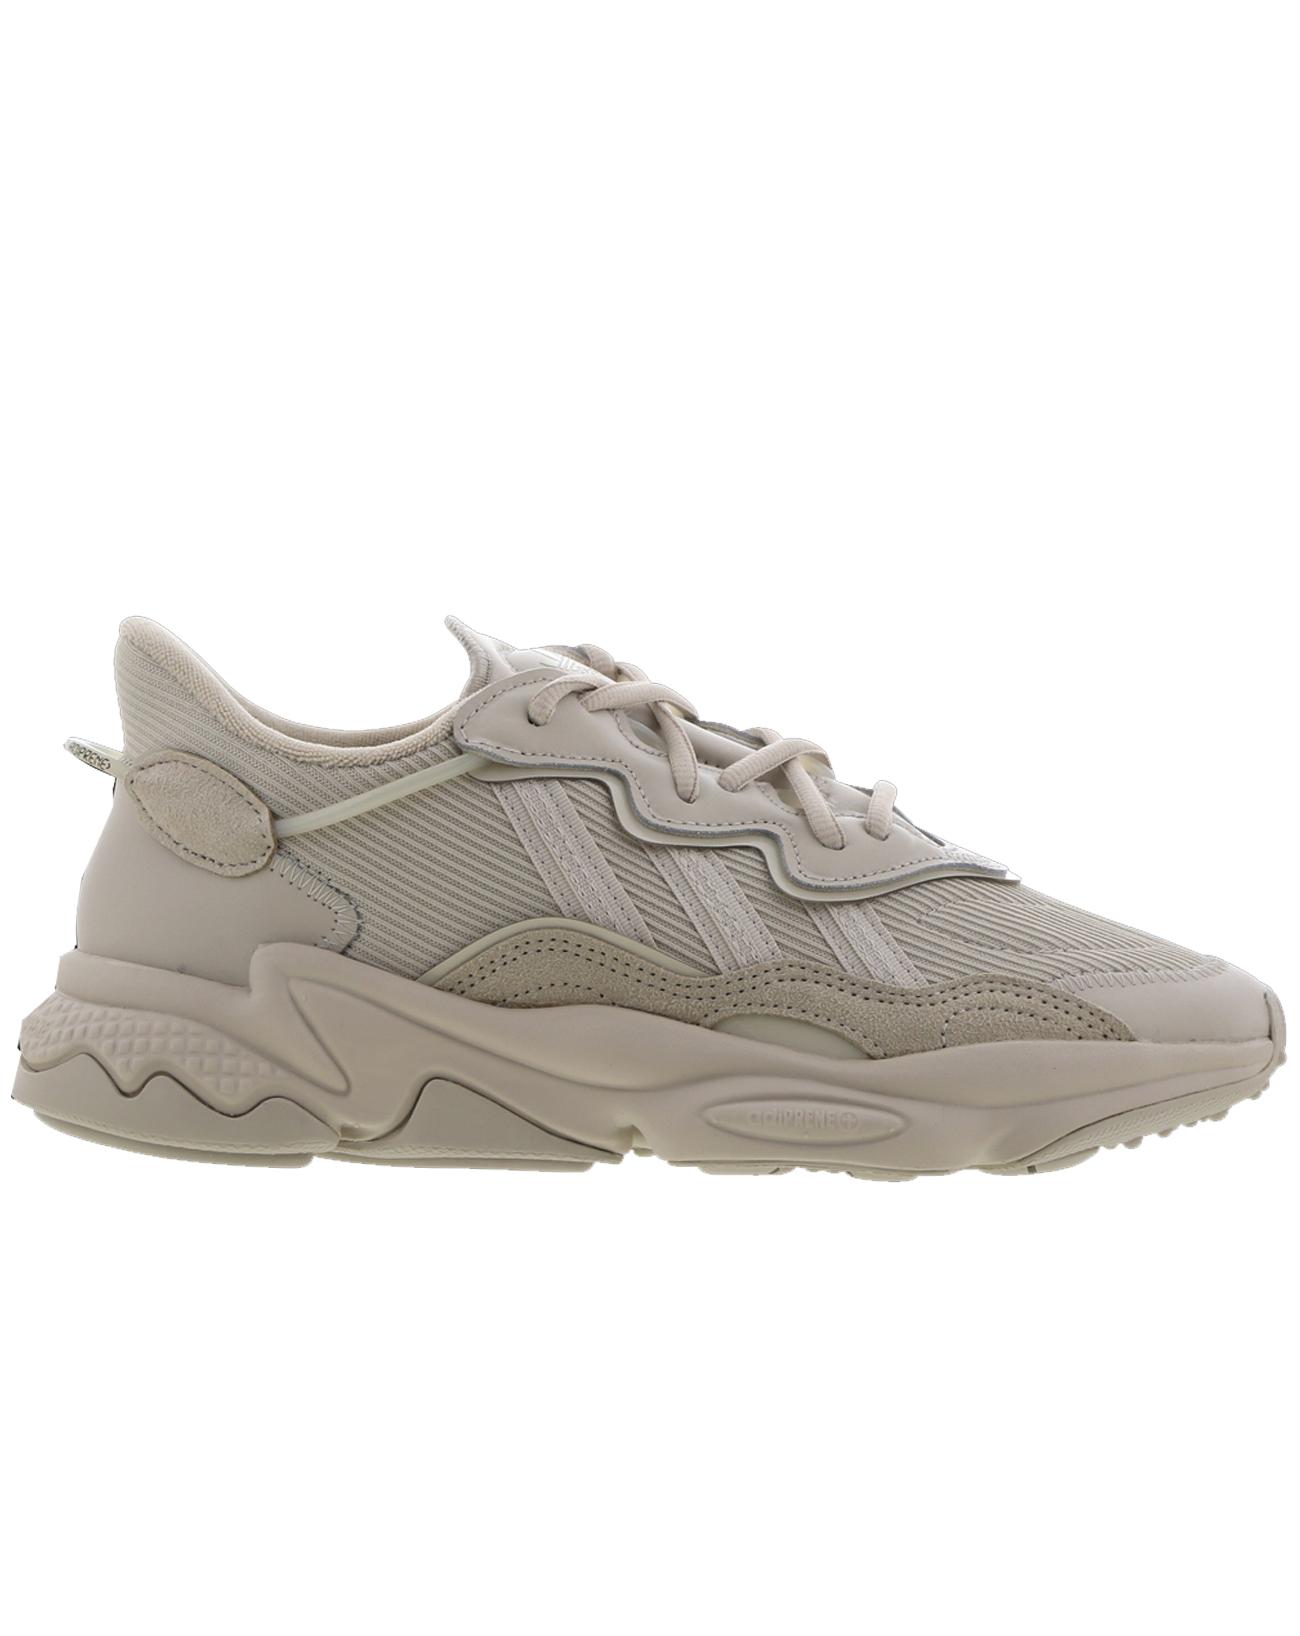 adidas ozweego beige women